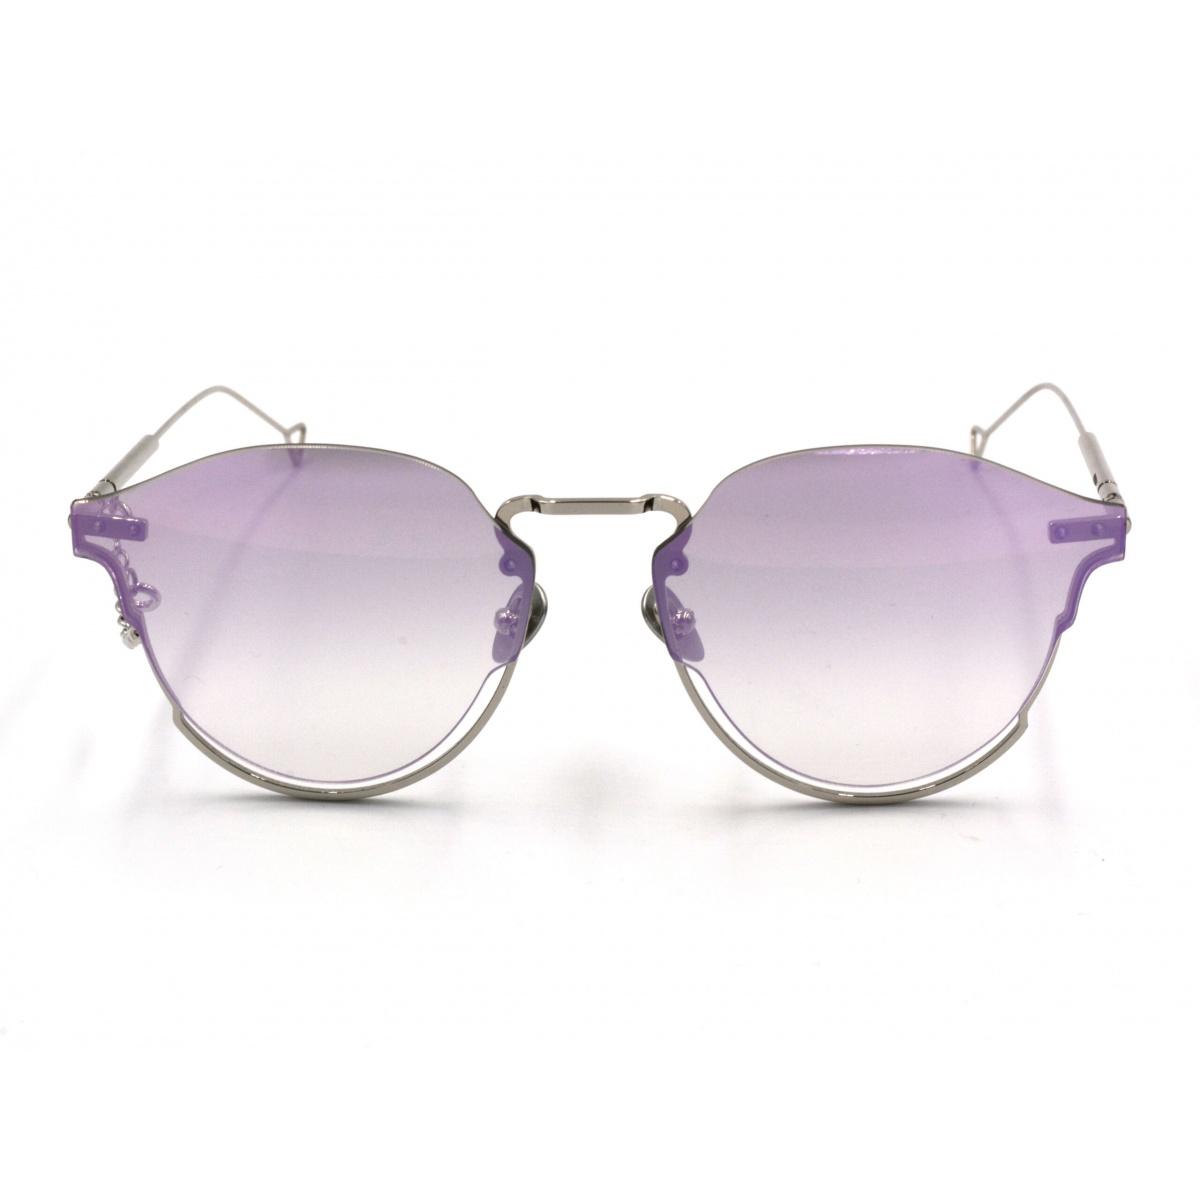 Γυαλιά ηλίου HAZE COLLECTION NEW YORK ACAPULCO-4PU 64-17-145